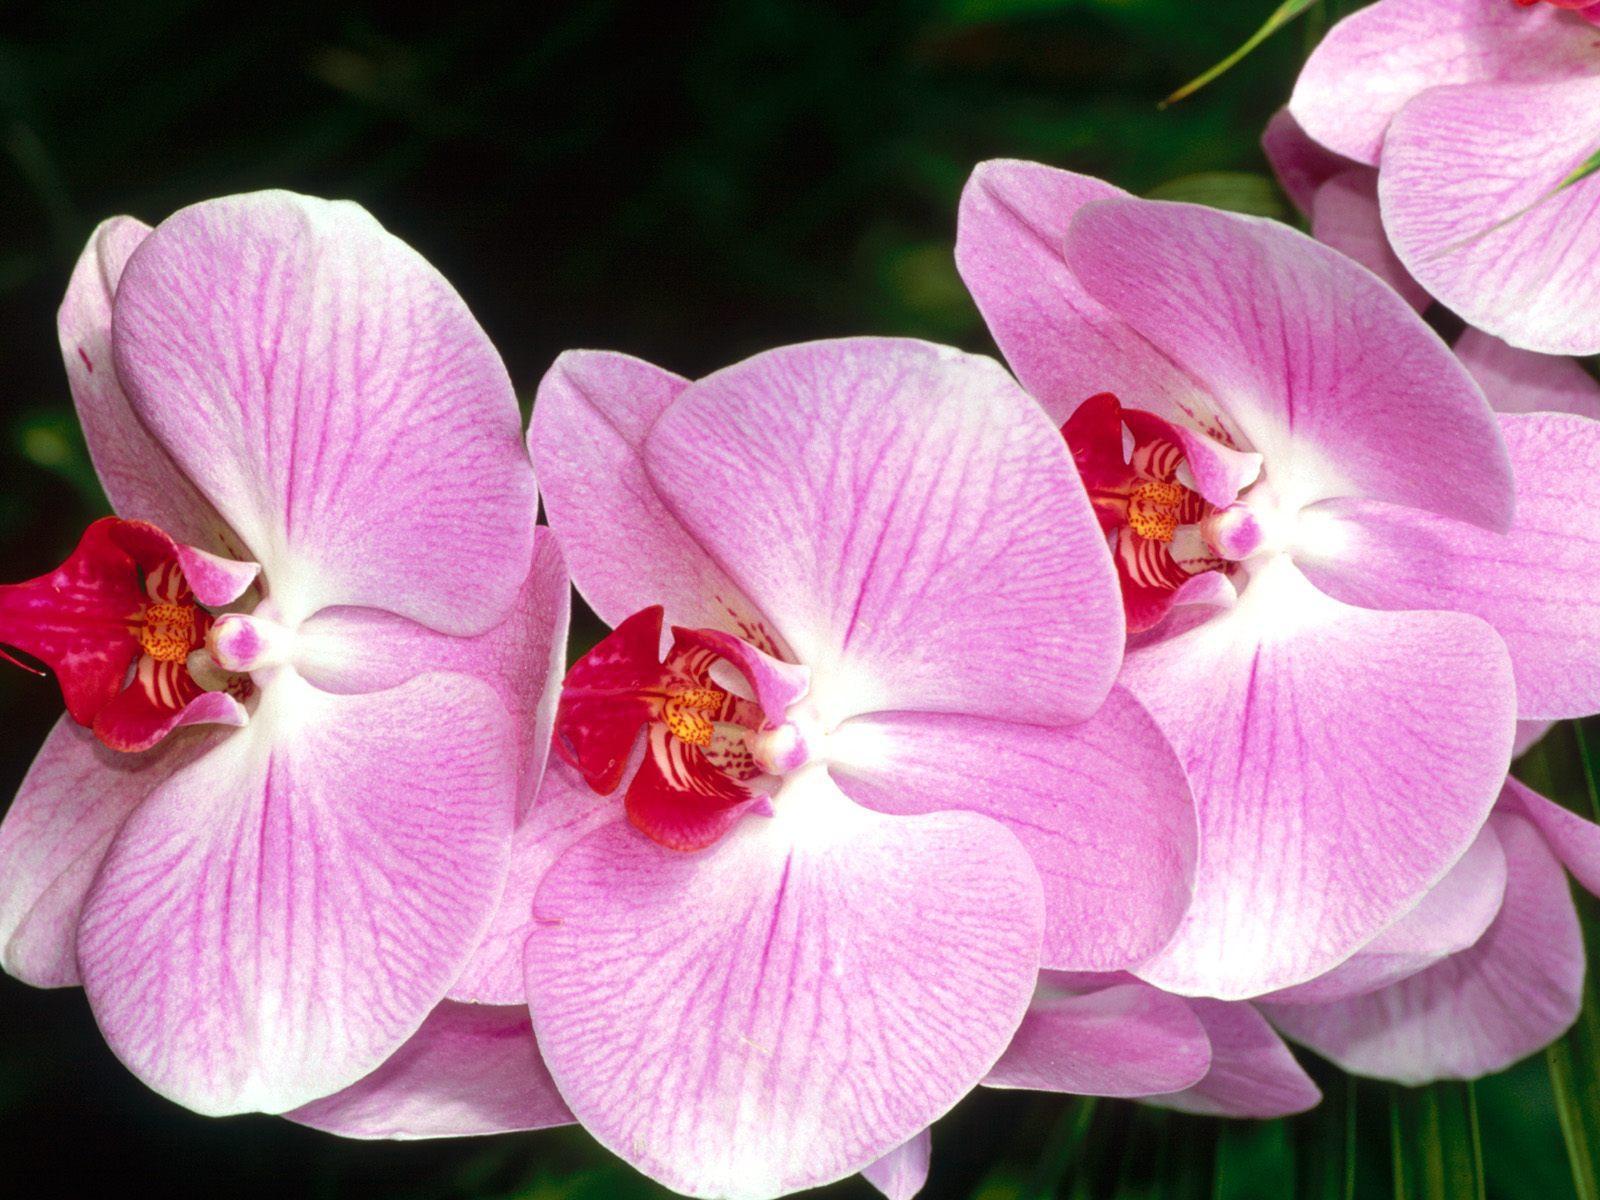 Shenzhen Nongke Orchid Widescreen